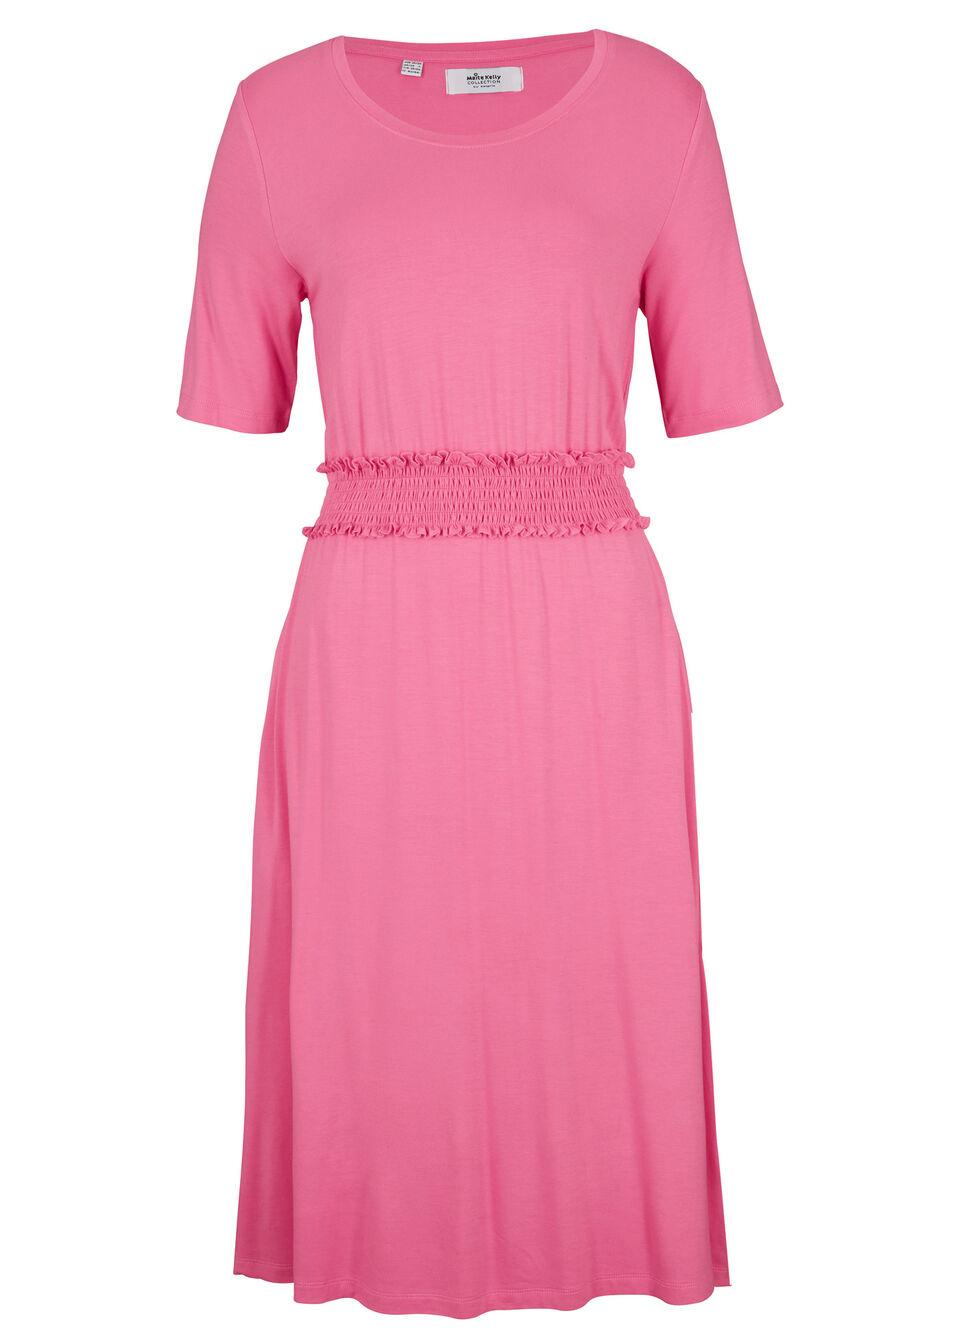 Sukienka z dżerseju z przeszyciem cienkimi gumkami, z kolekcji Maite Kelly bonprix matowy różowy